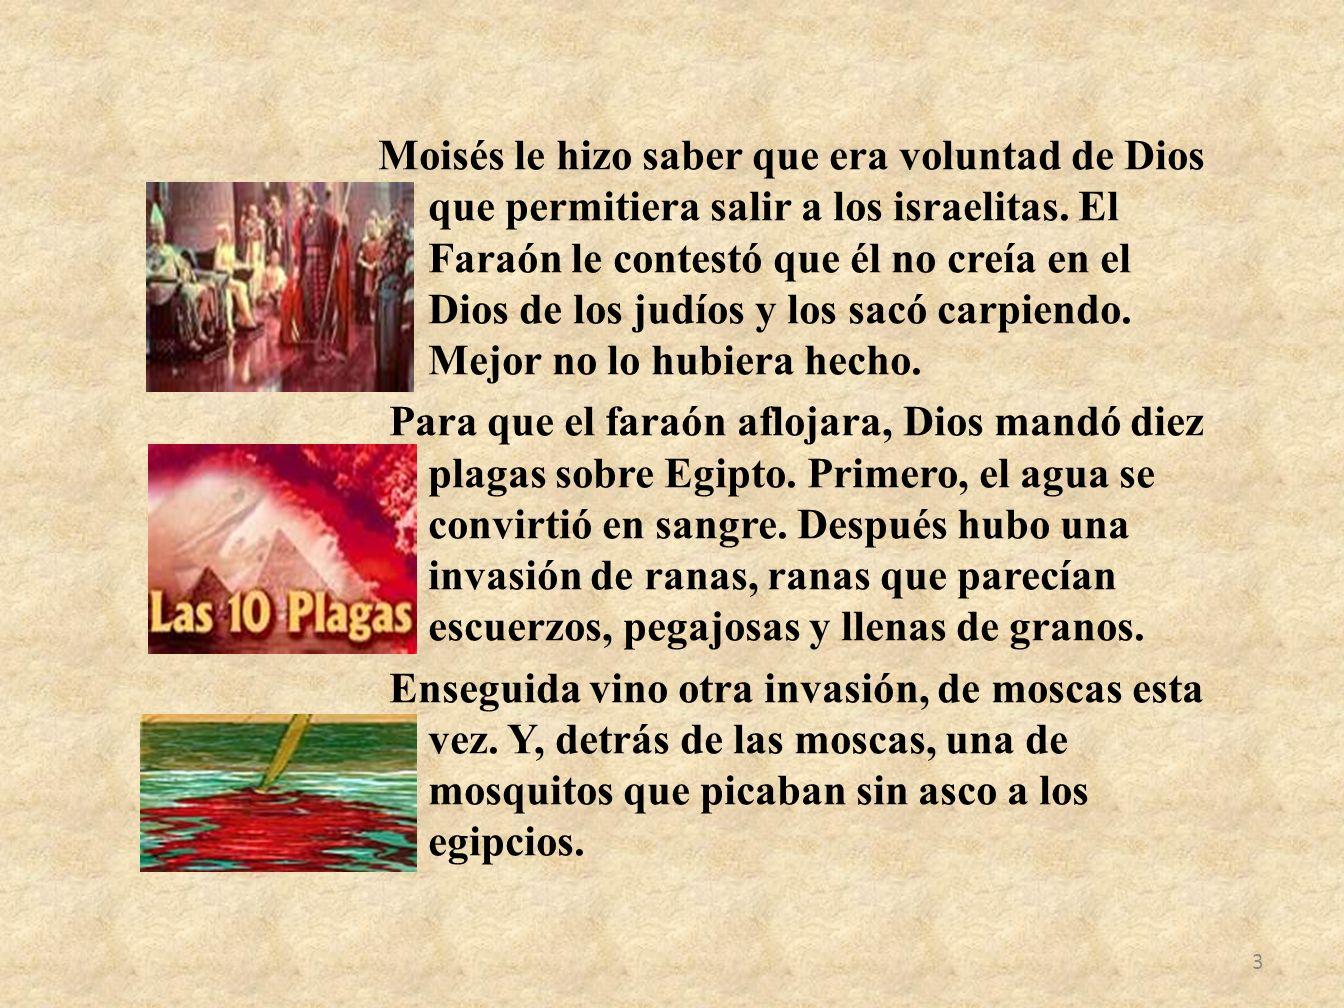 3 Moisés le hizo saber que era voluntad de Dios que permitiera salir a los israelitas. El Faraón le contestó que él no creía en el Dios de los judíos